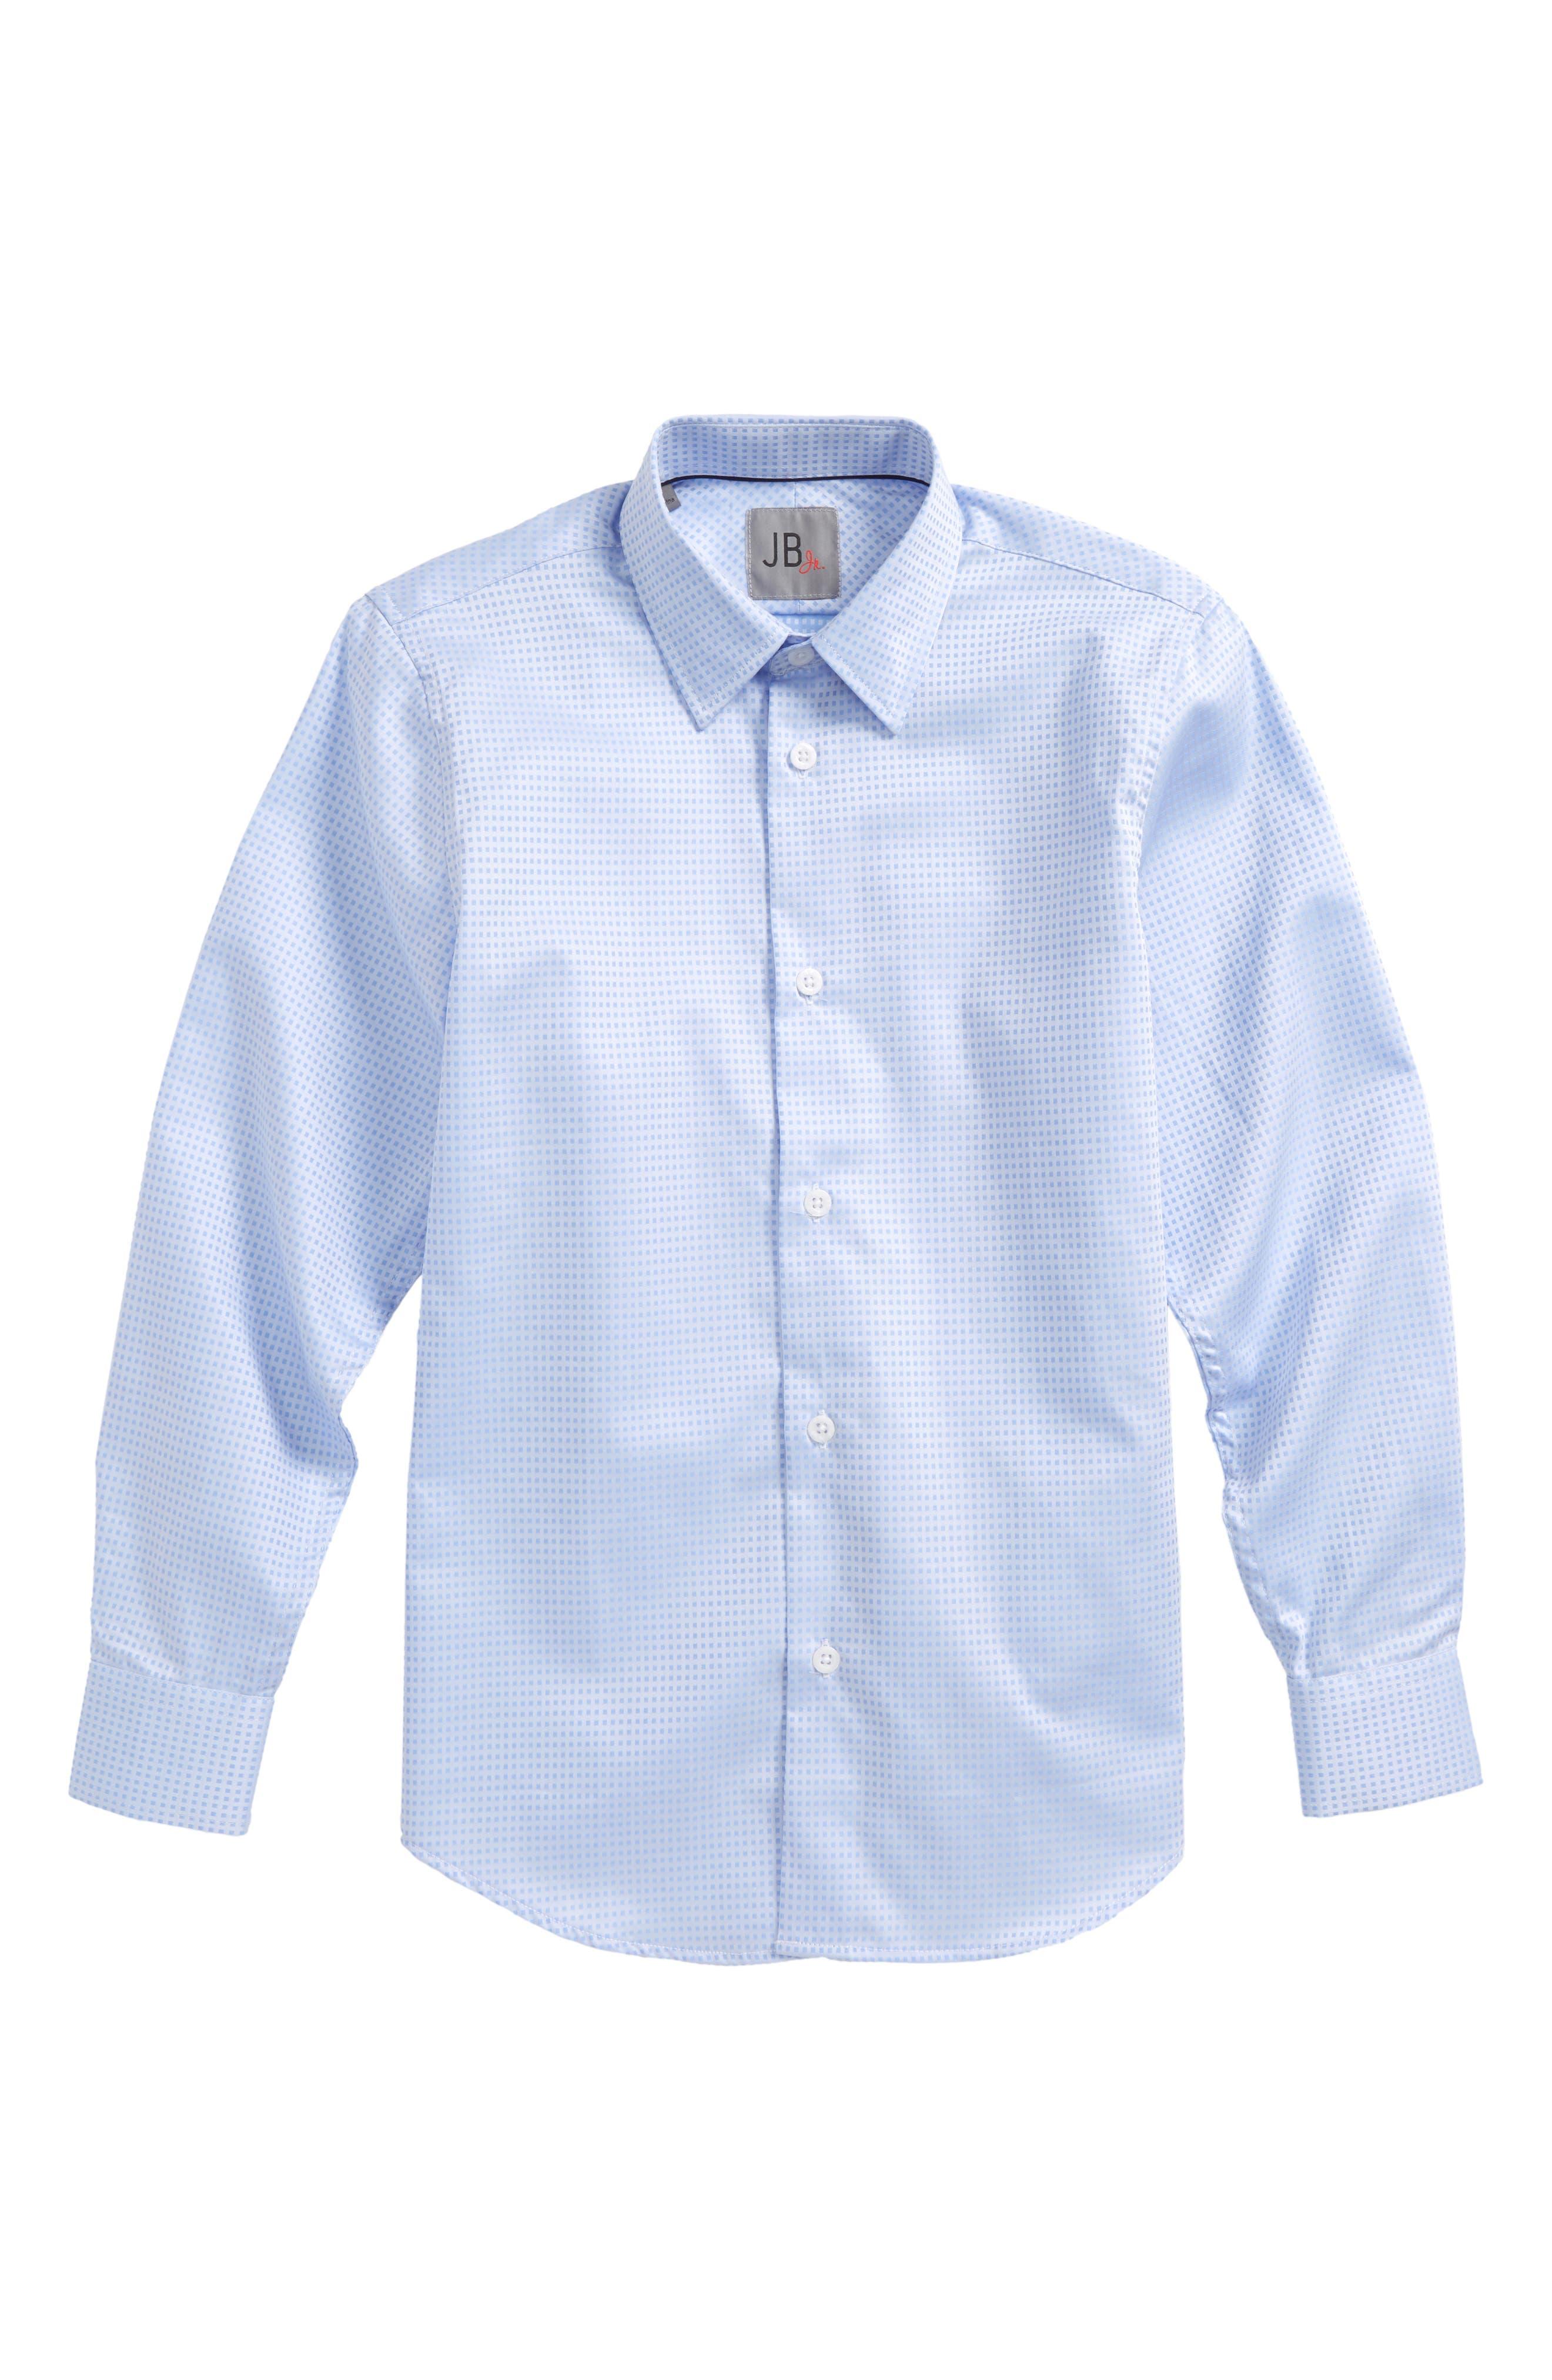 Microcheck Dress Shirt,                             Main thumbnail 1, color,                             430